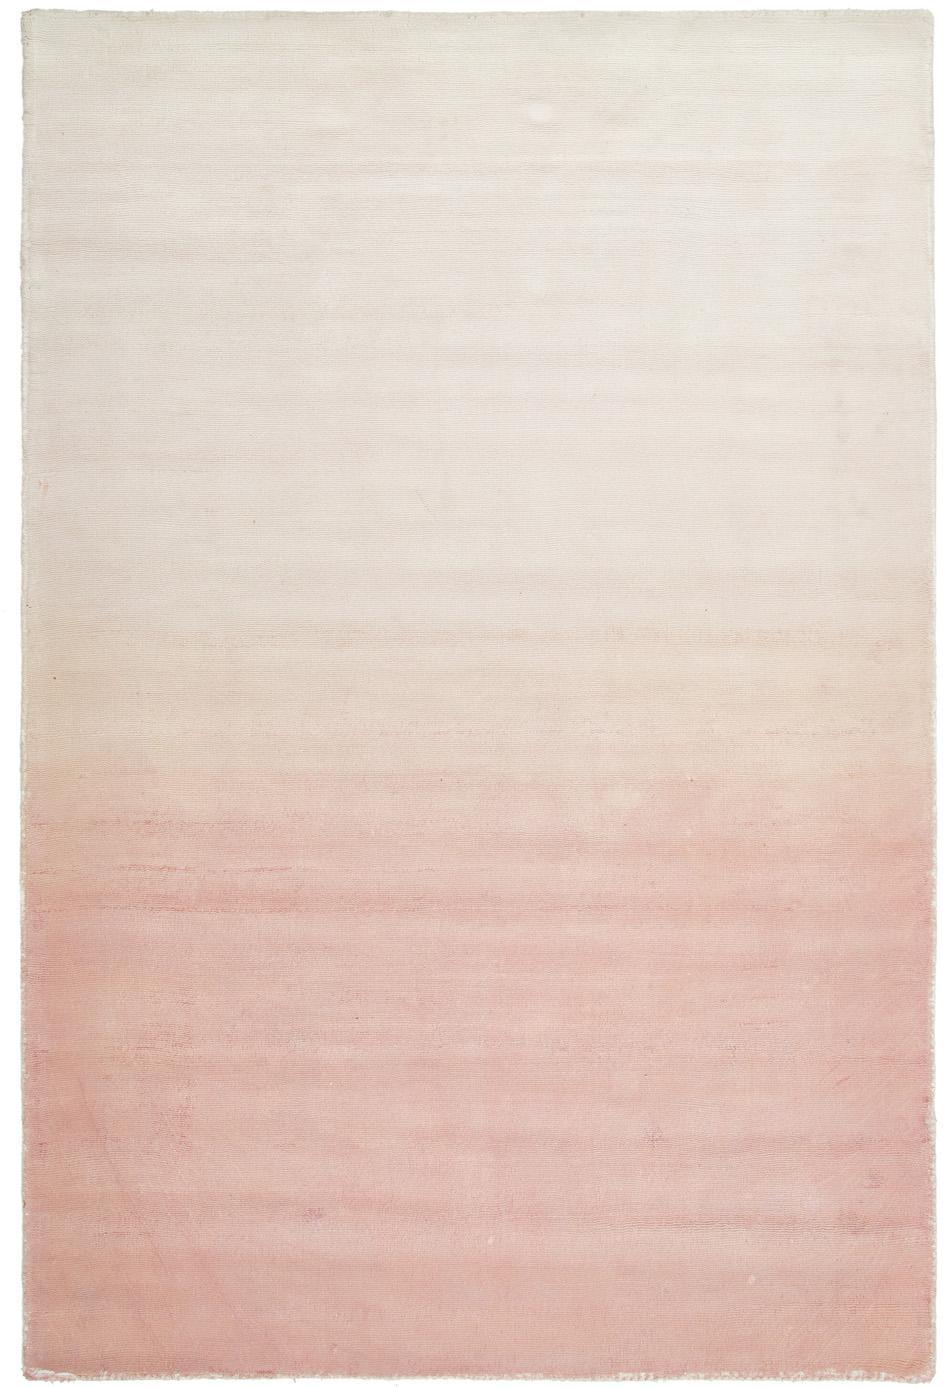 Handgewebter Viskoseteppich Alana mit Farbverlauf, 100% Viskose, Rosa, Beige, B 120 x L 180 cm (Größe S)